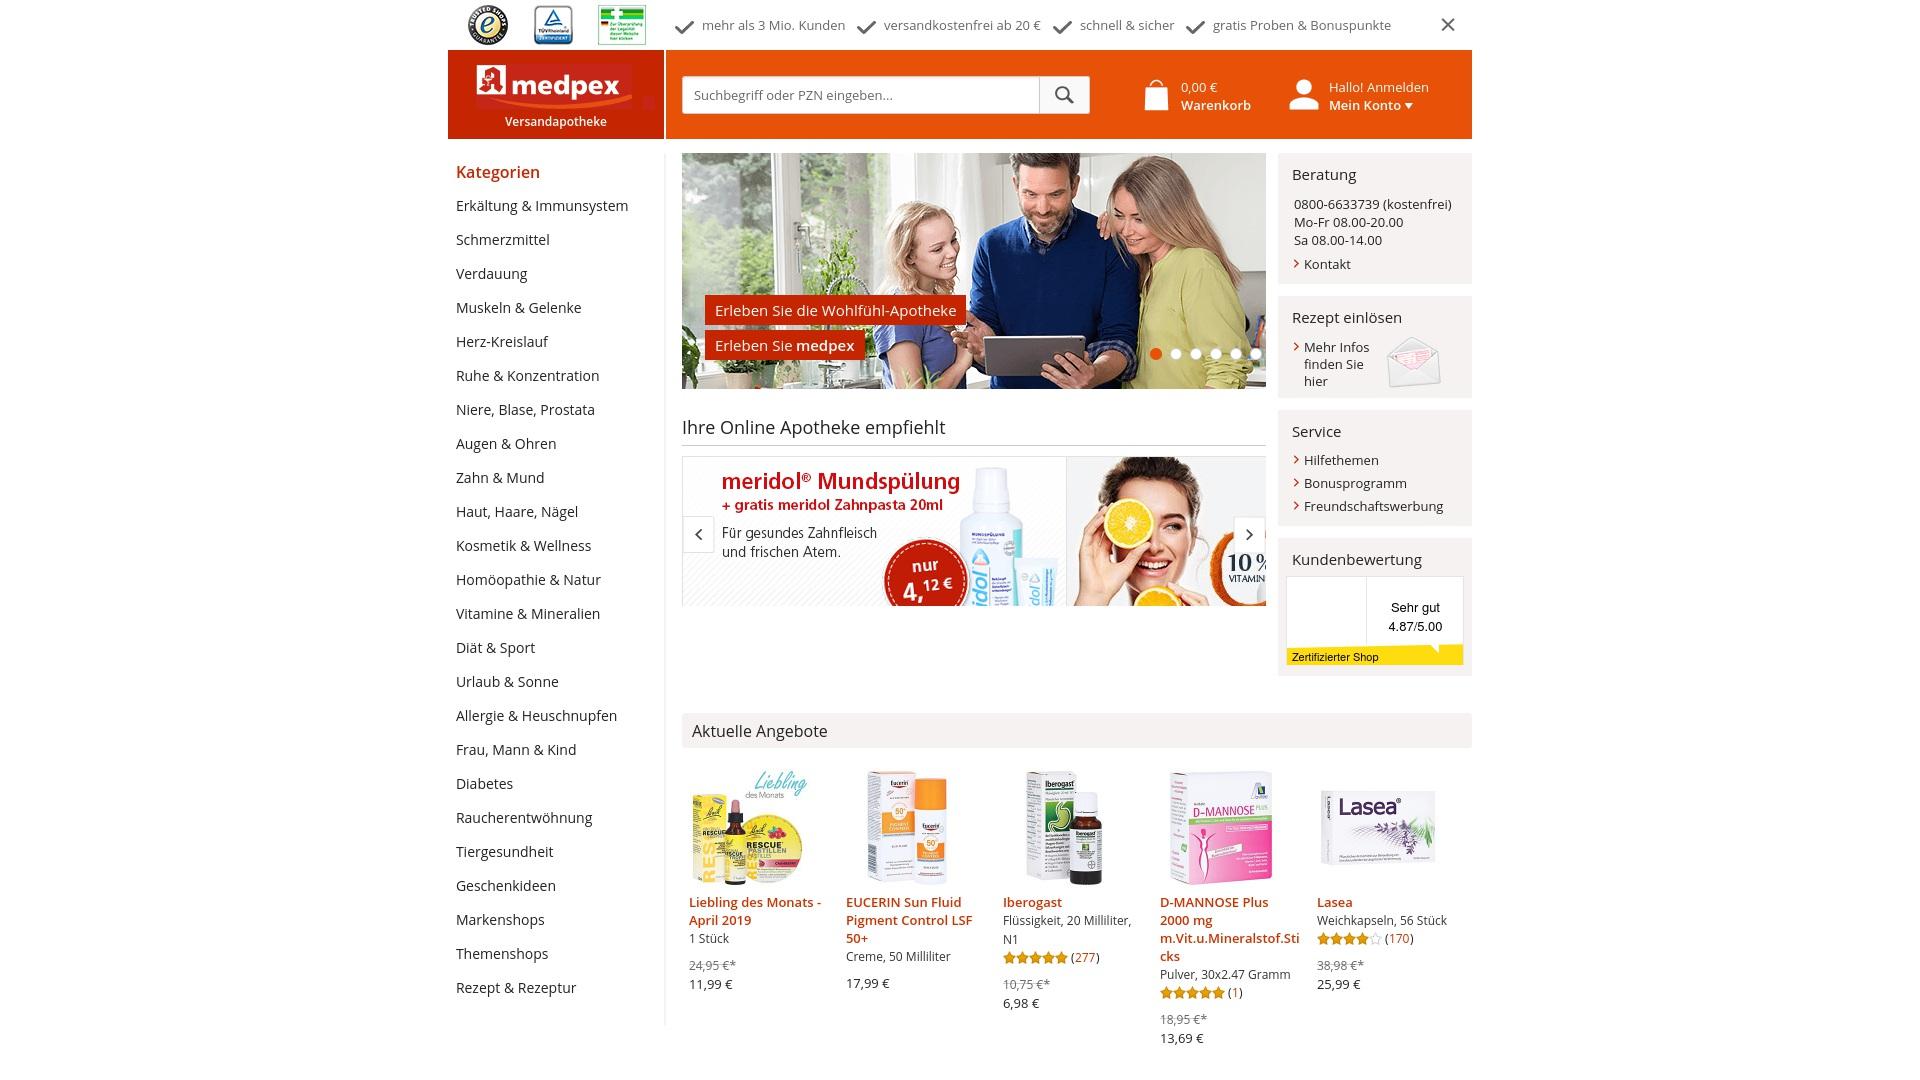 Gutschein für Medpex: Rabatte für  Medpex sichern